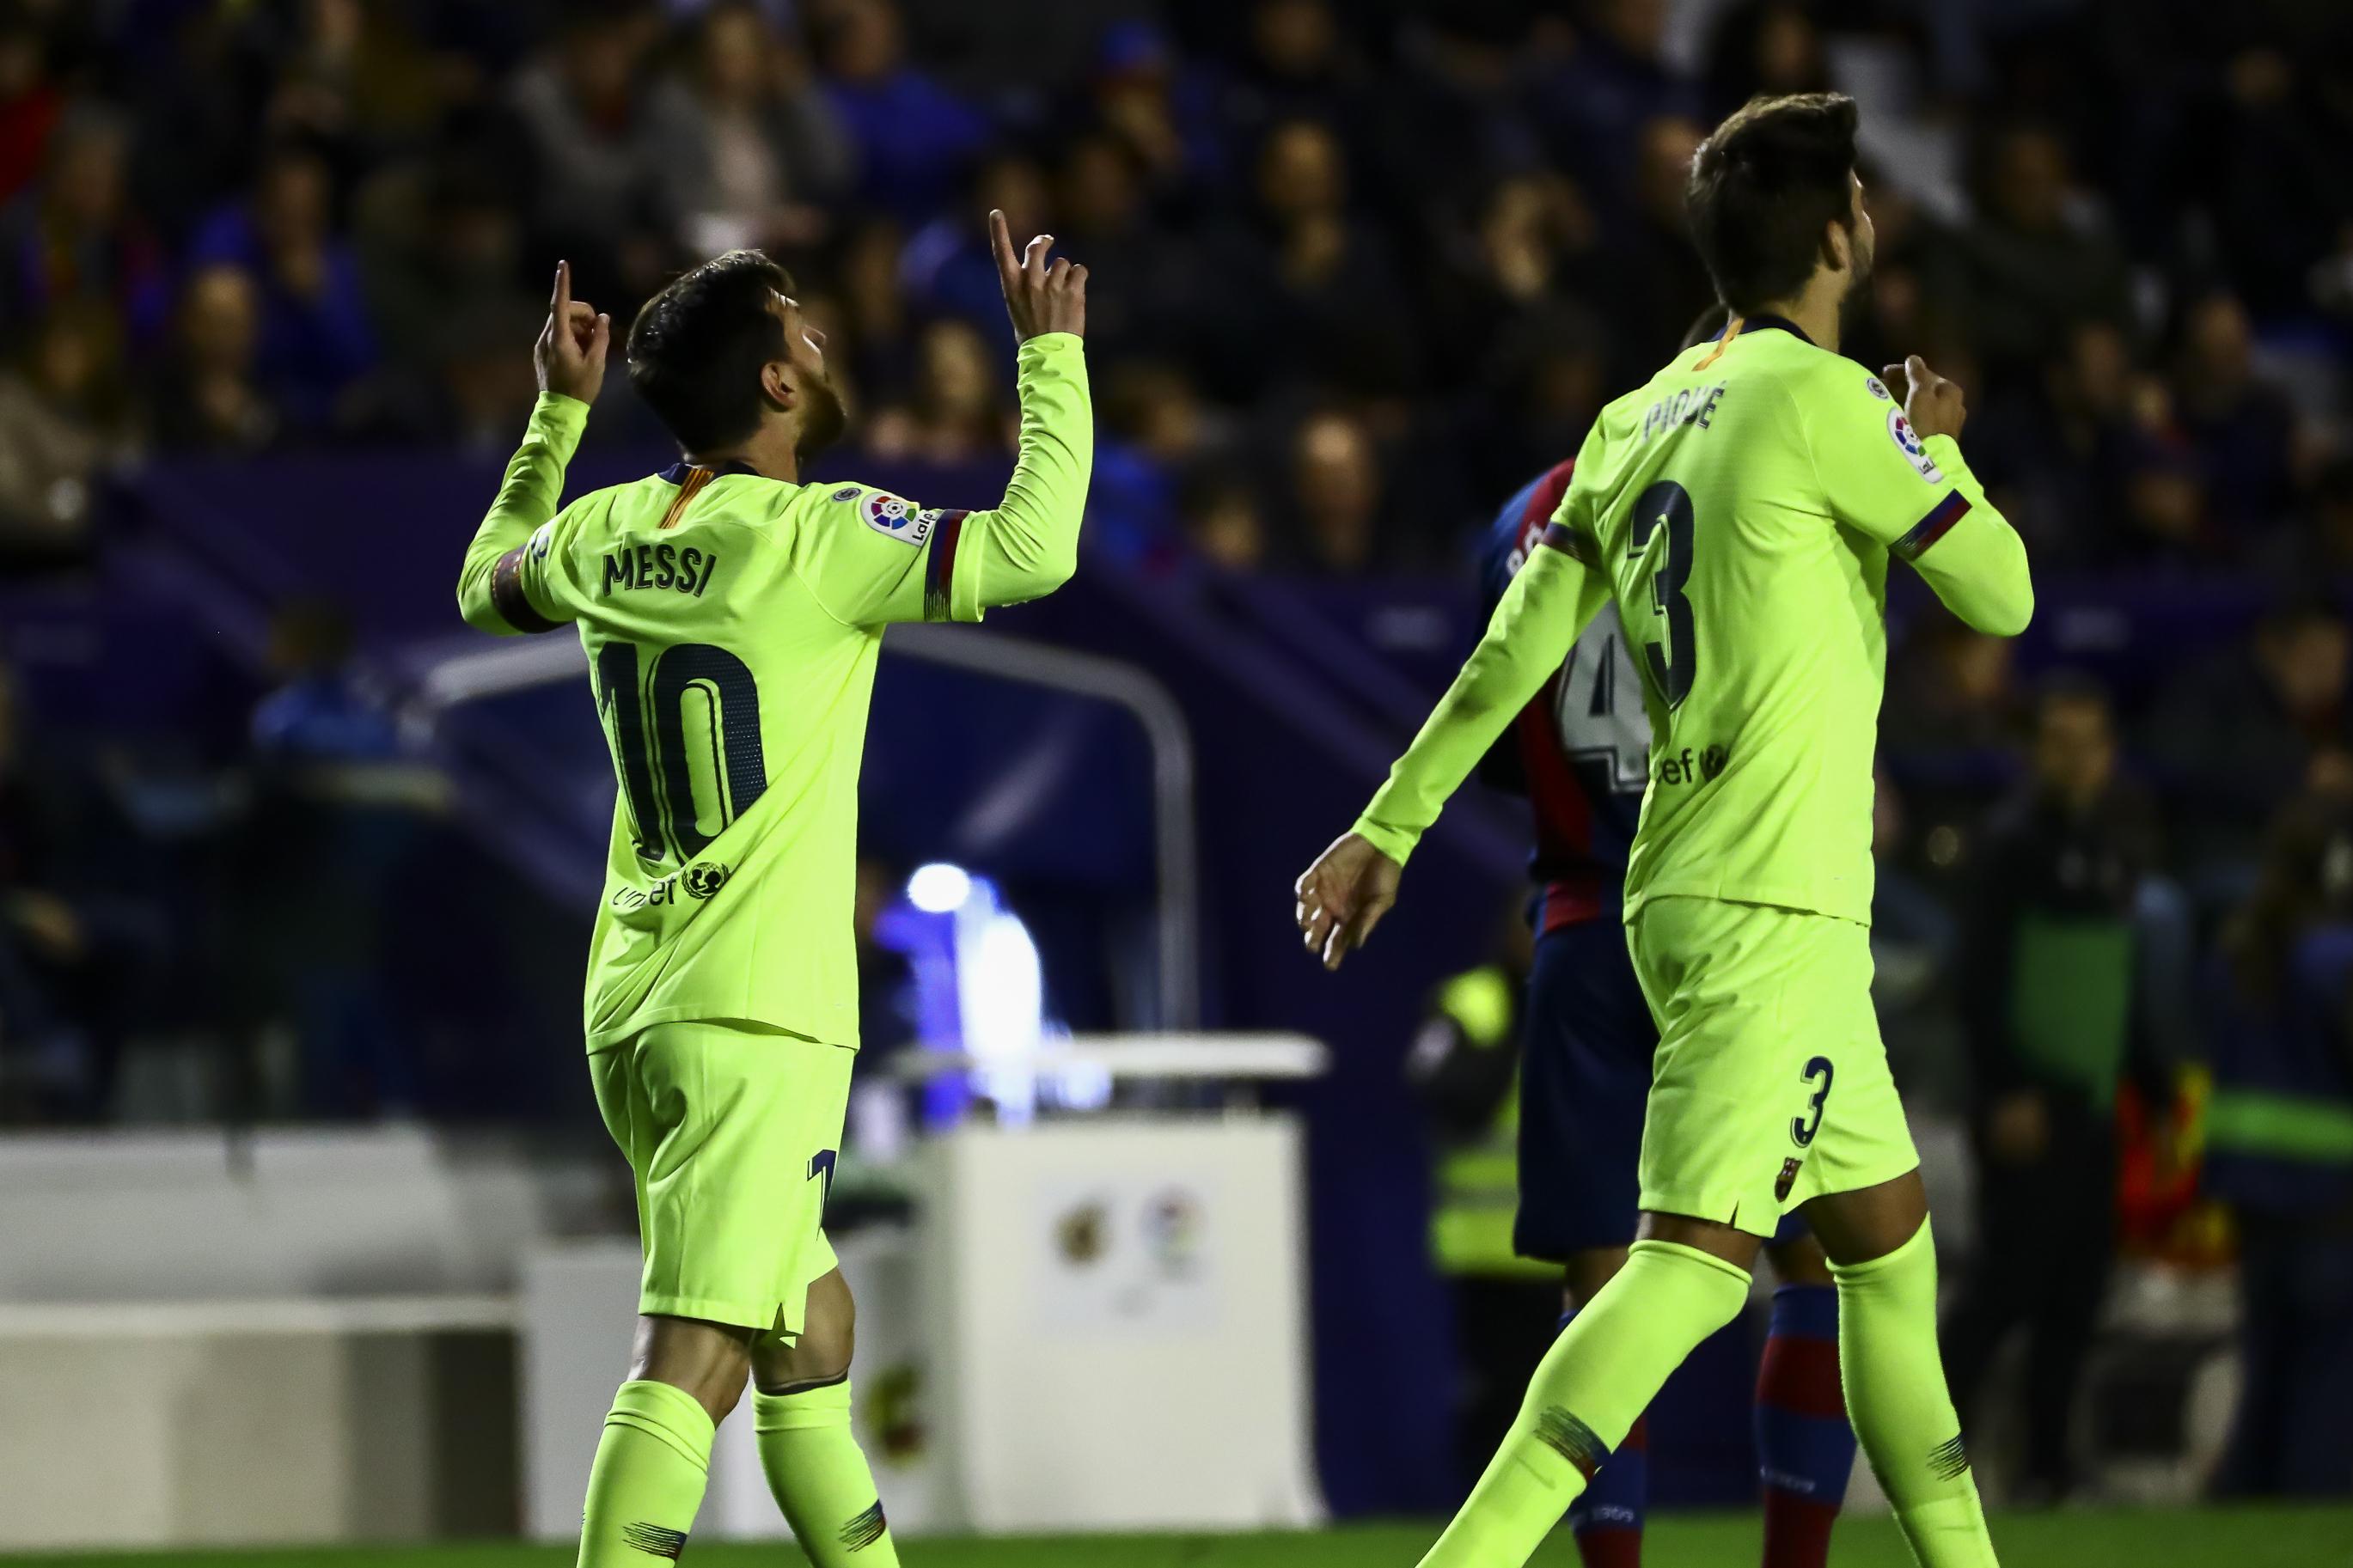 Sevilla beats Girona to move level with Barcelona, Atletico